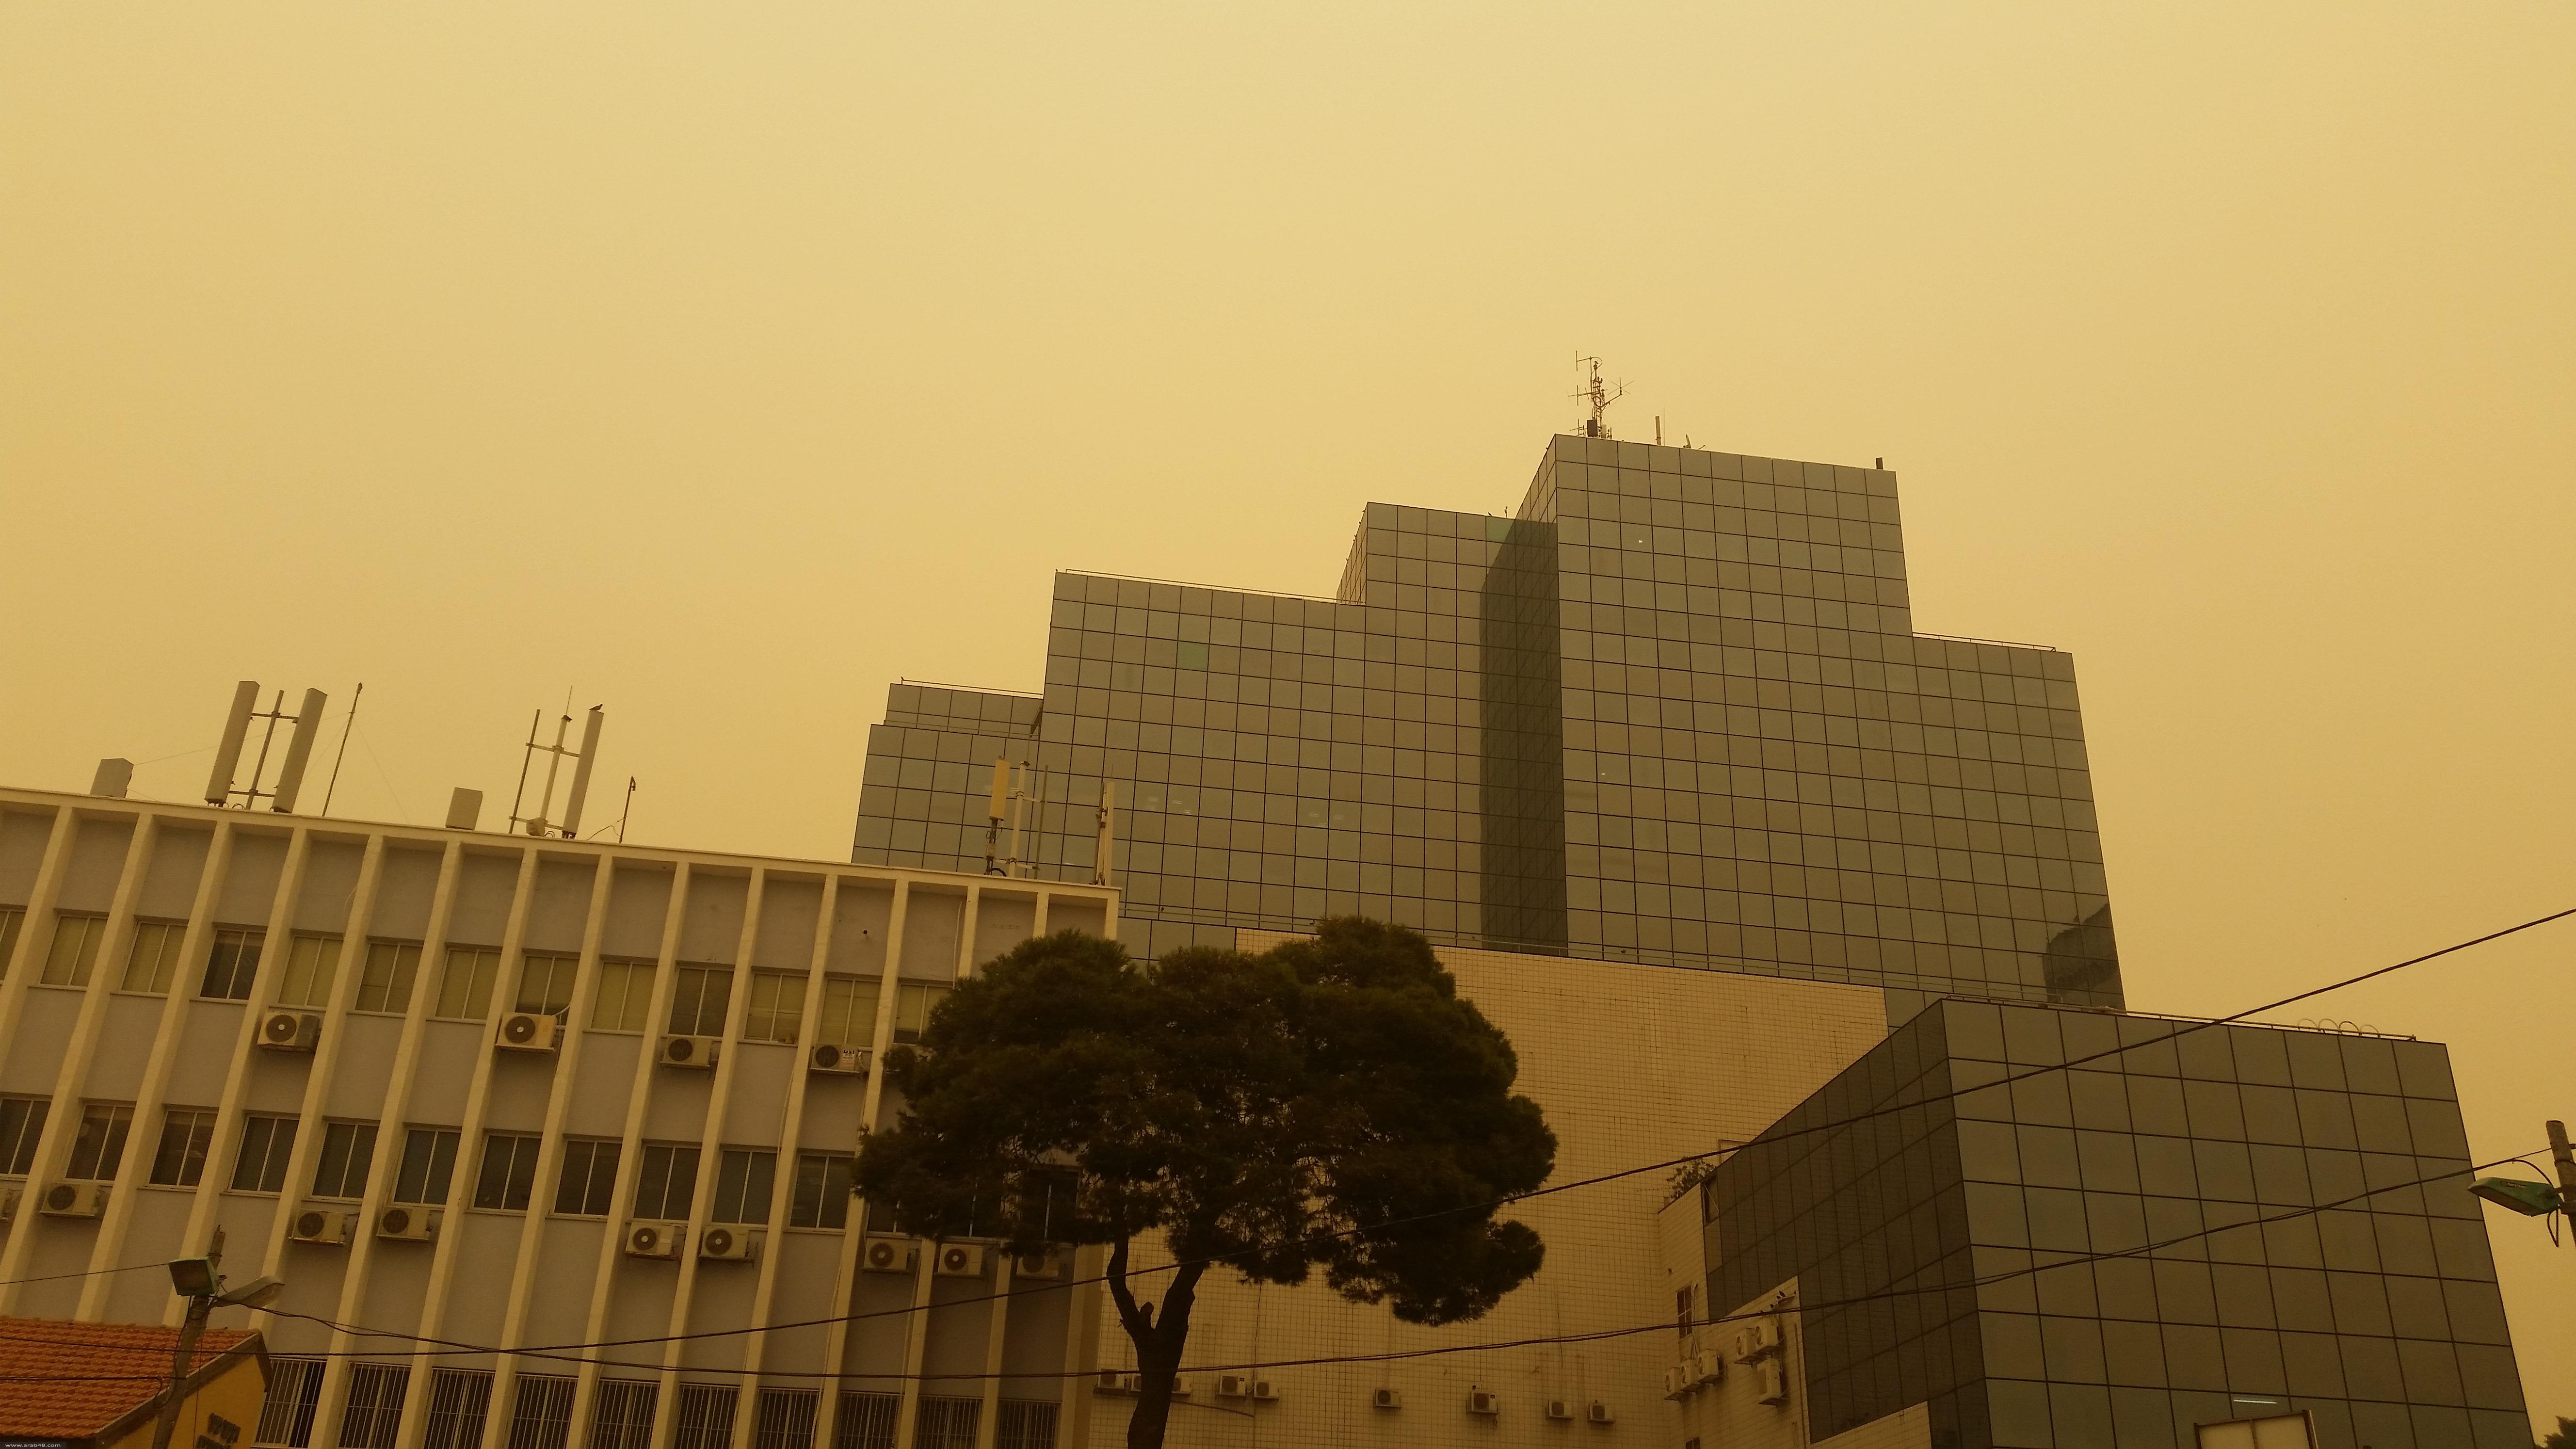 بالصور: الغبار يحجب مجال الرؤية